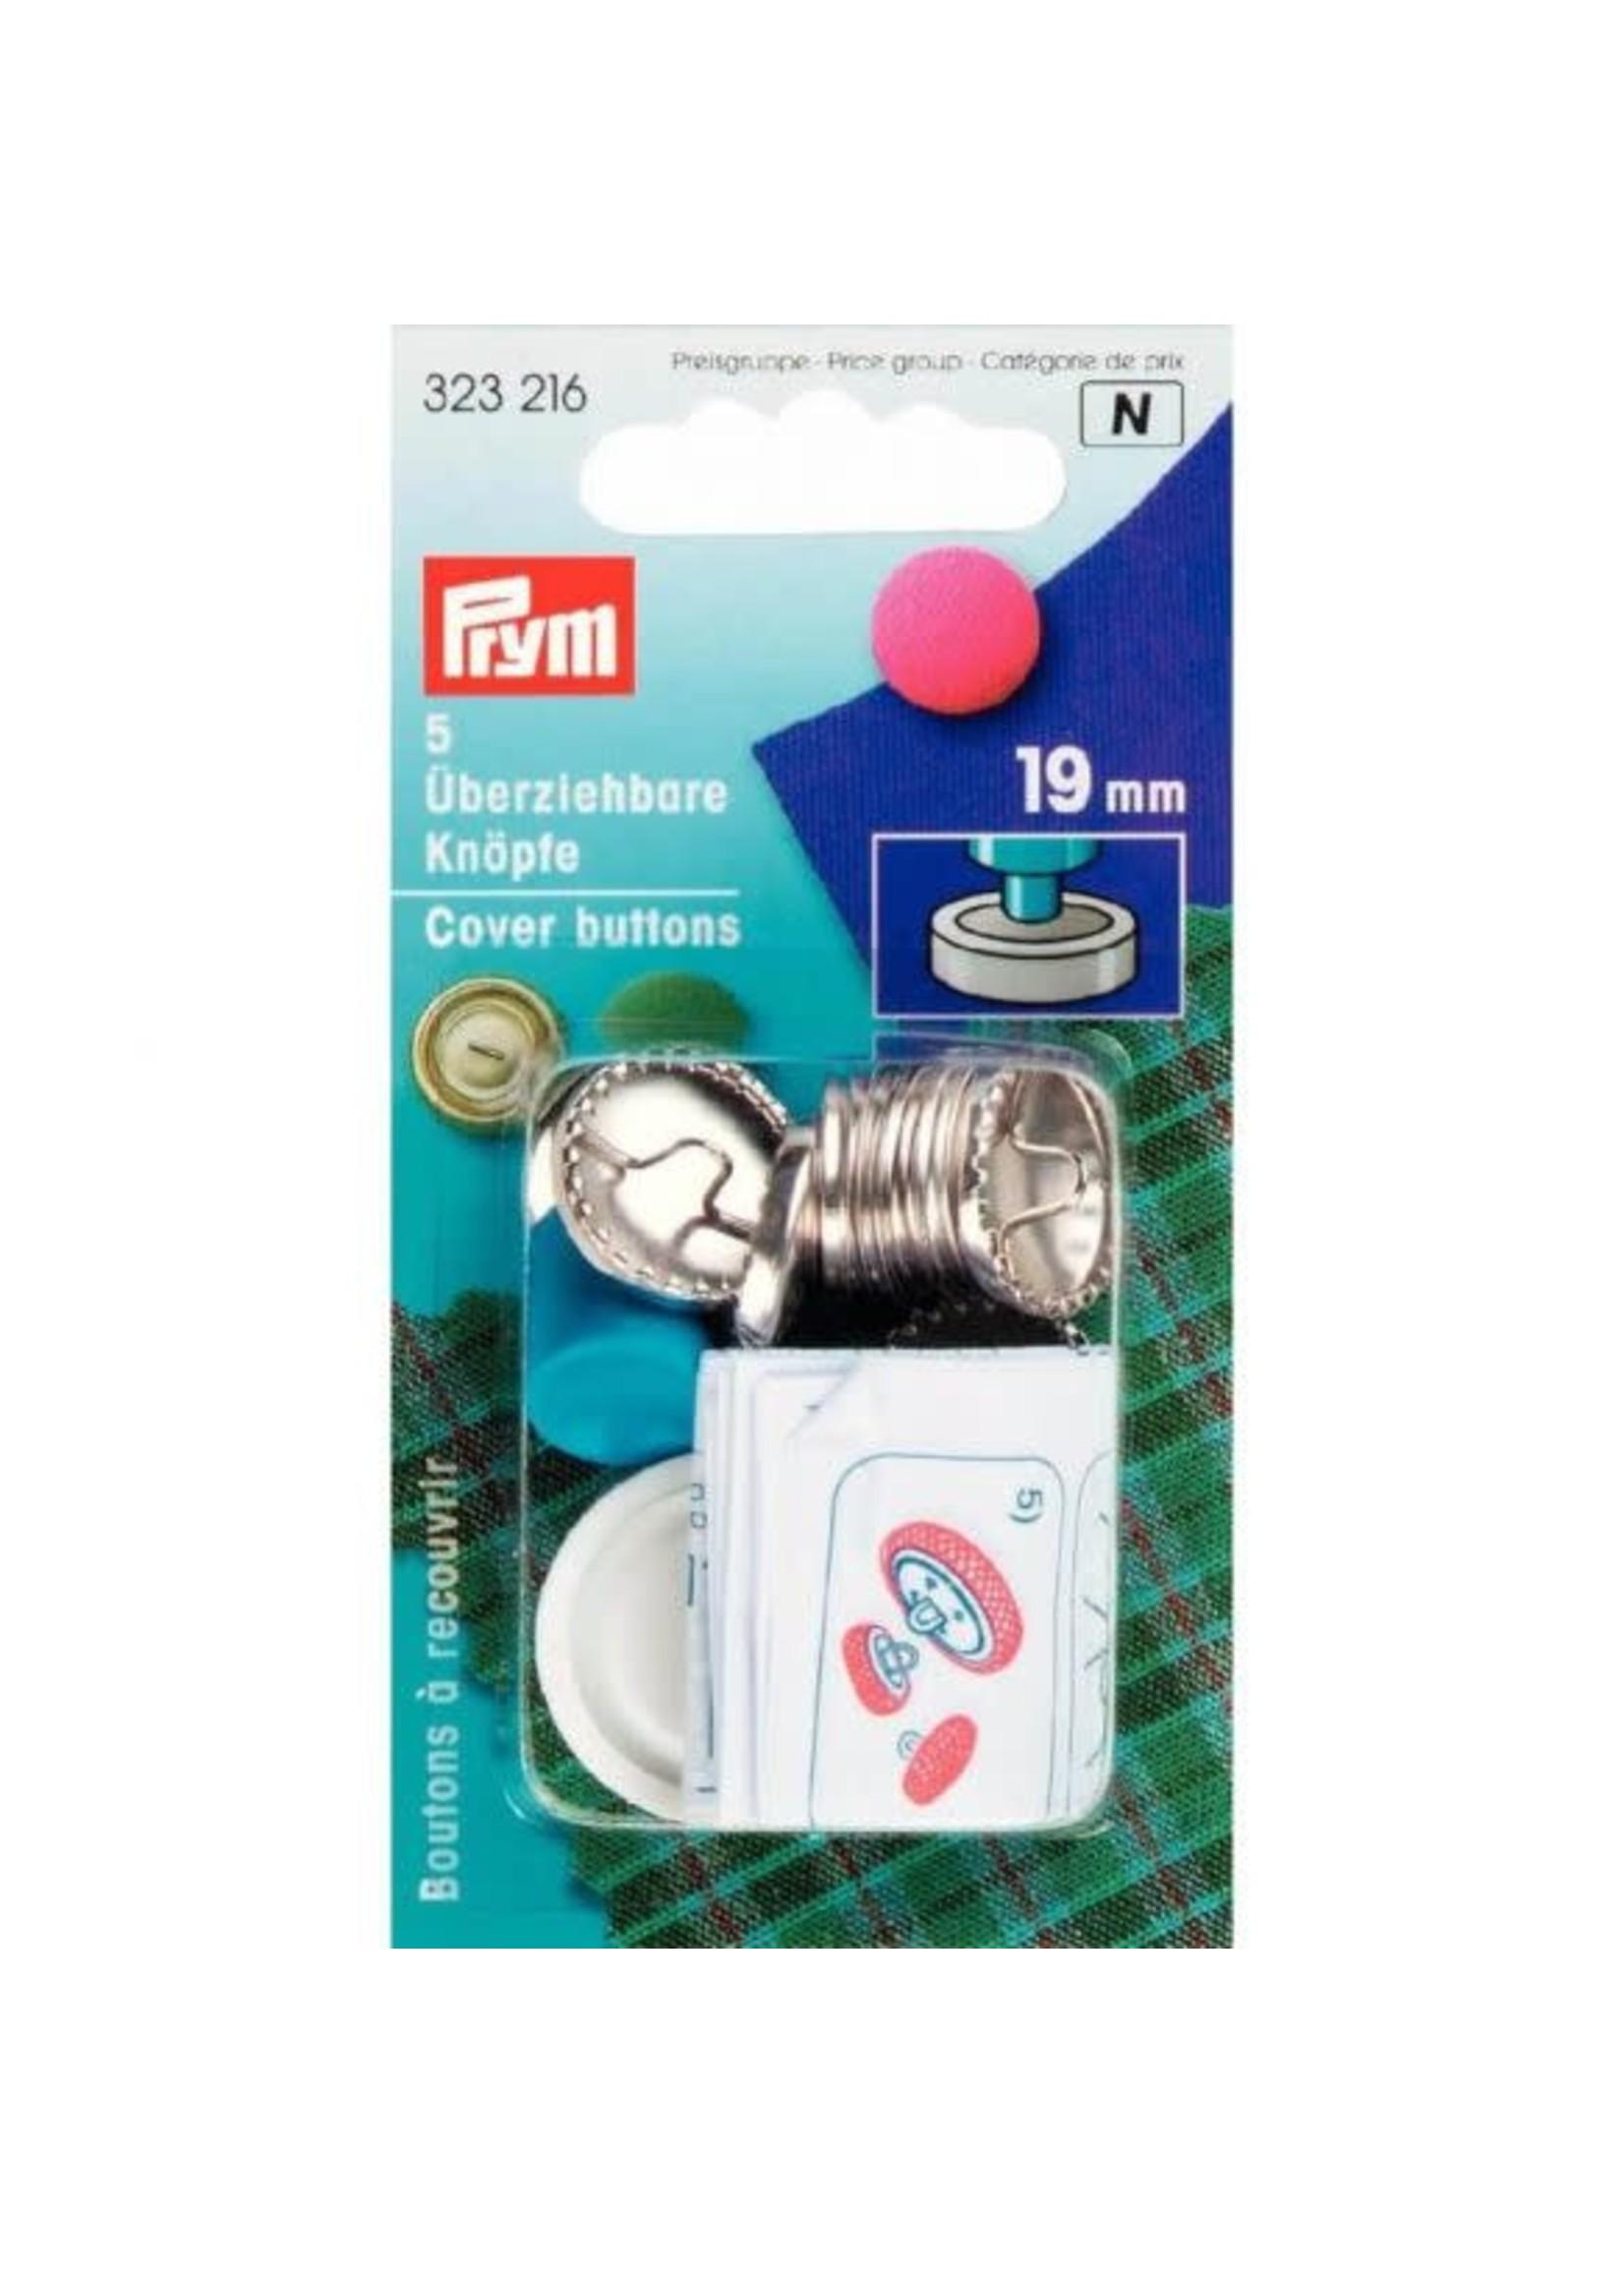 Prym Prym Stofknopen met matrijs 19mm - zilver